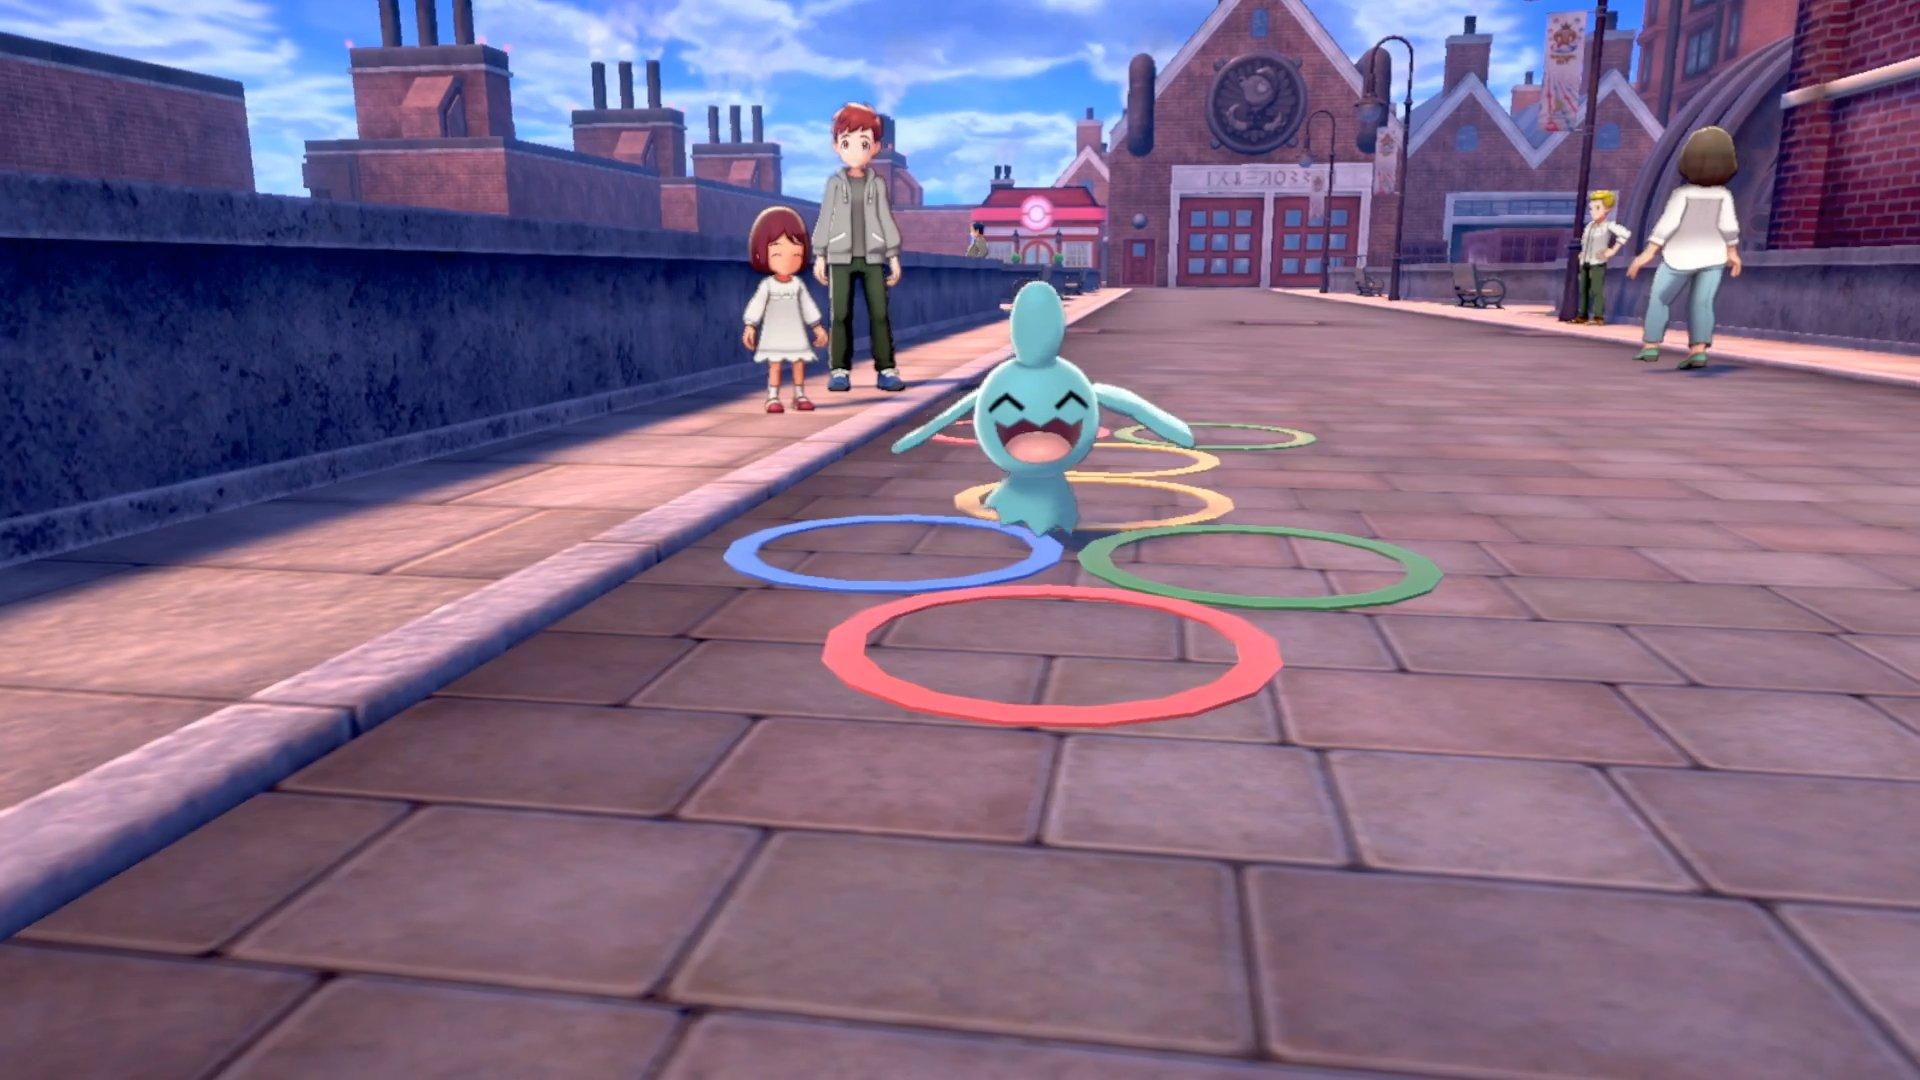 Pokémon et son univers [Nintendo] - Page 3 Pok%C3%A9mon-%C3%89p%C3%A9e-et-Bouclier-21